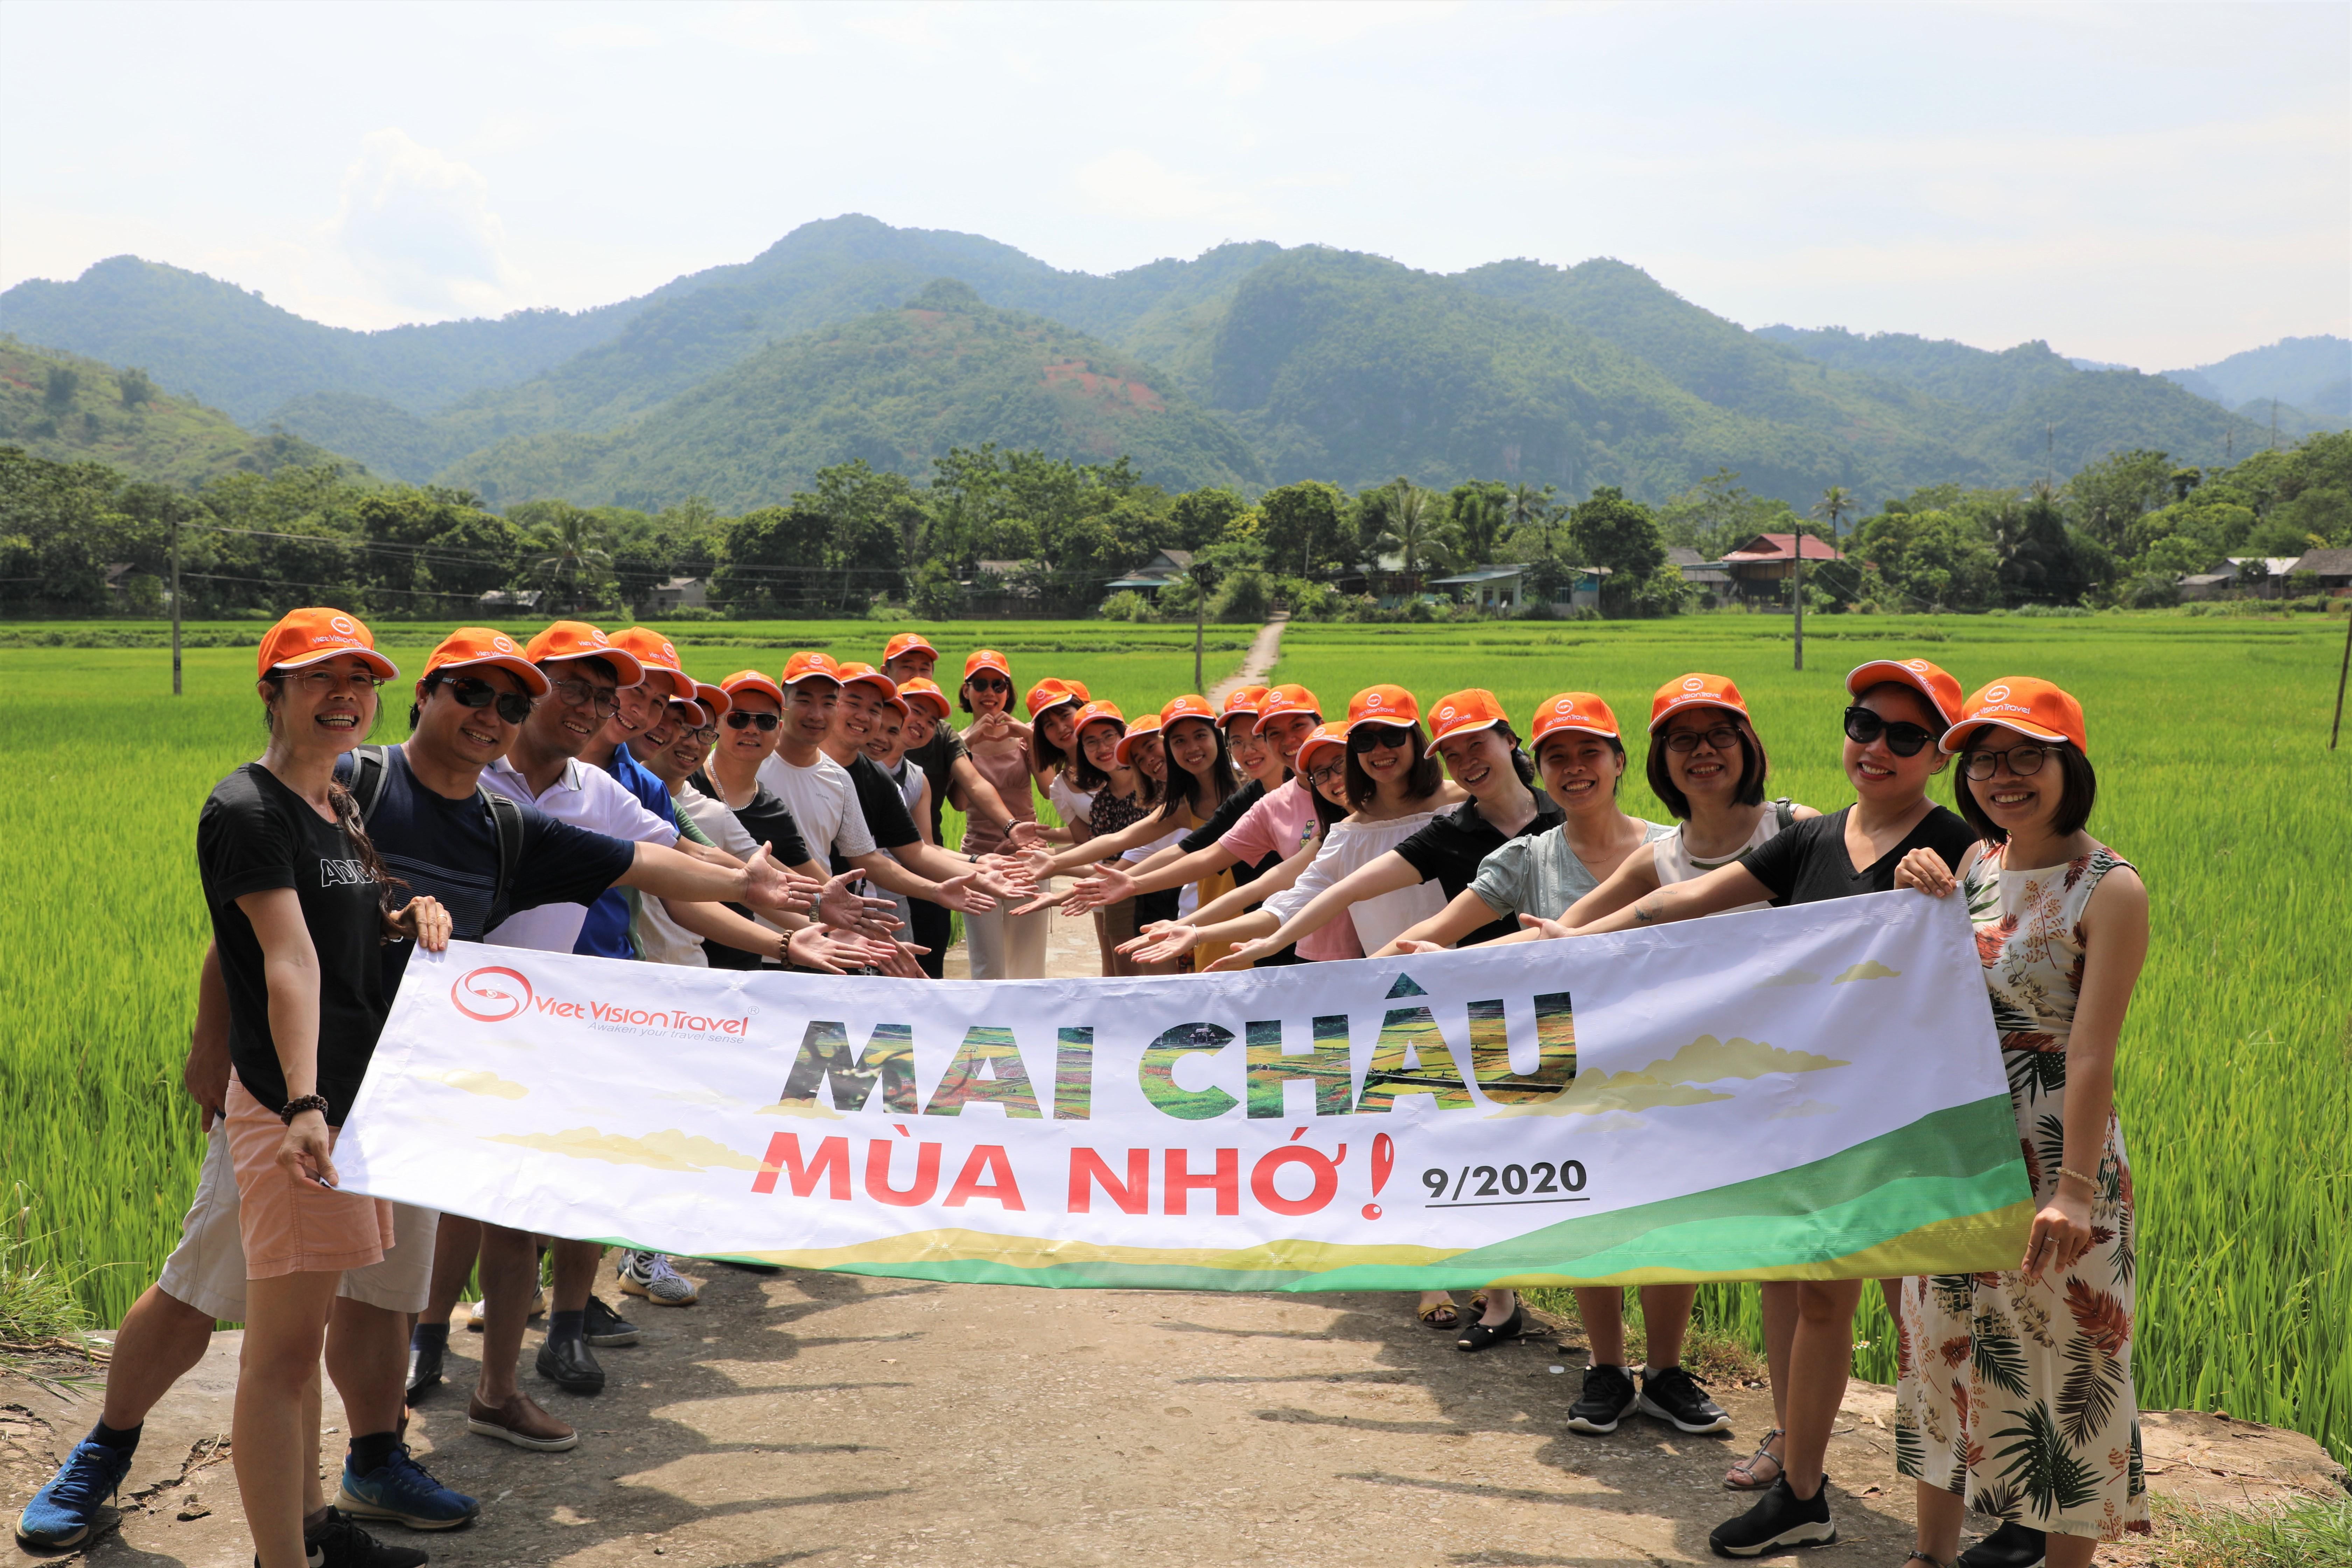 Thực Tập Sinh Truyền Thông & Marketing tại Hà Nội